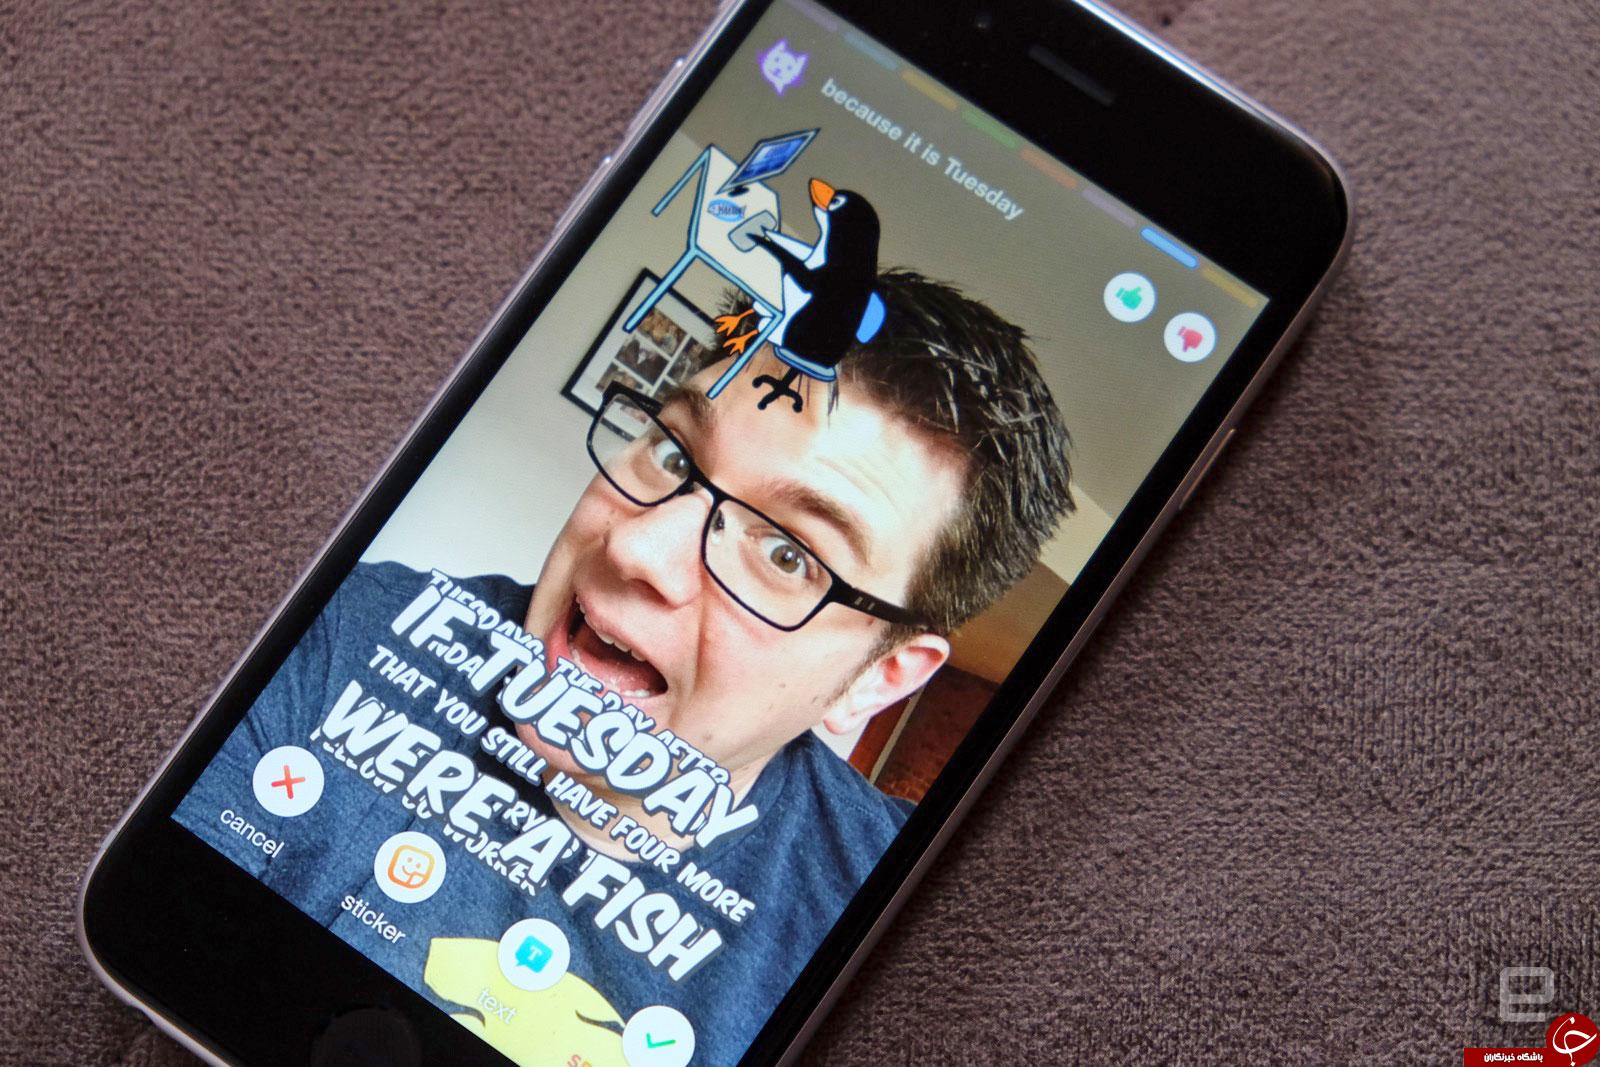 غافلگیری مایکروسافت برای کاربران/ پیشنهاد استیکر برای تزئین عکس سلفی